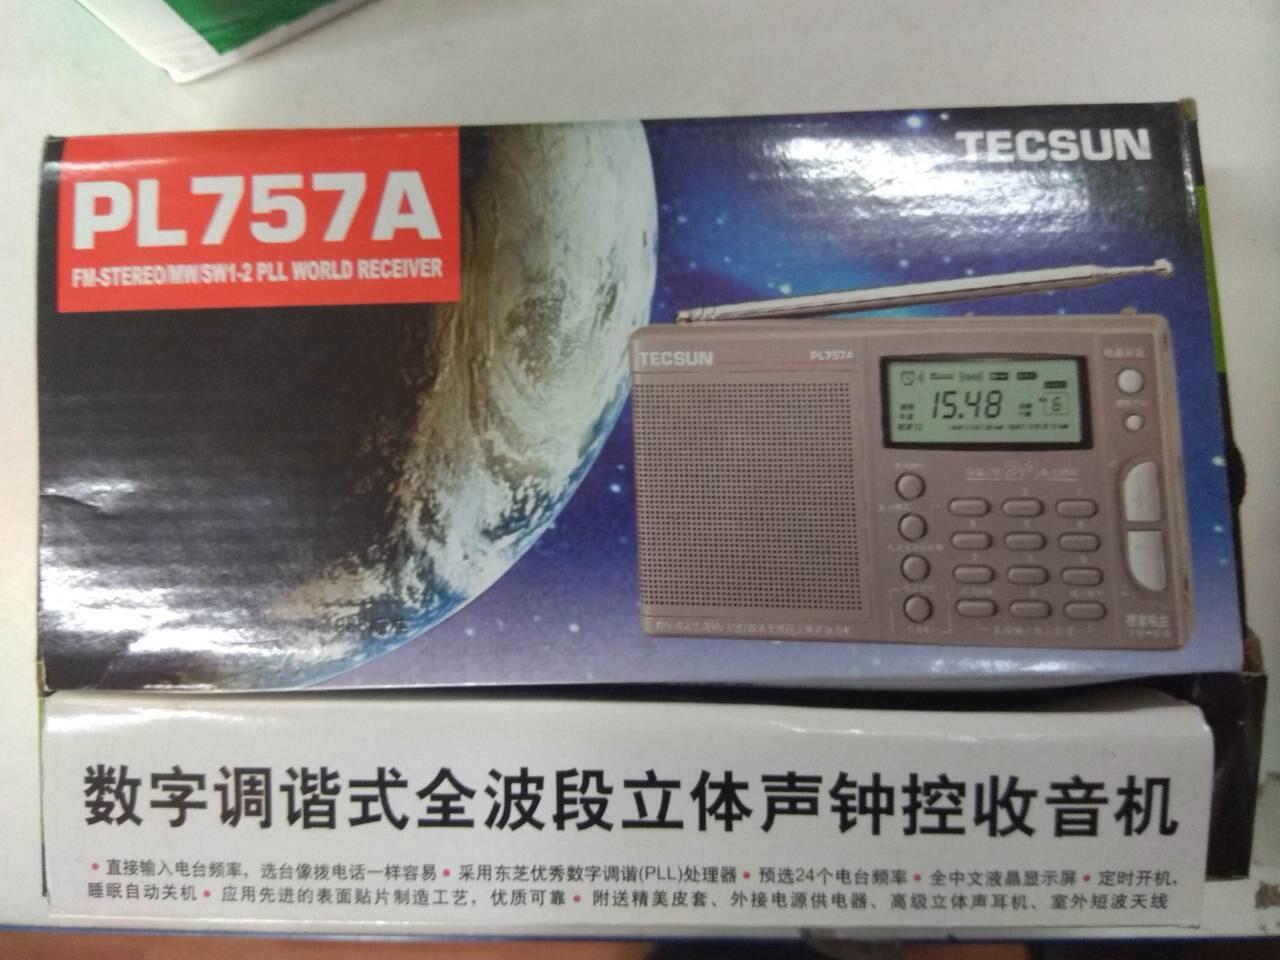 Всеволновой  цифровой радиоприёмник Tecsun PL-757A